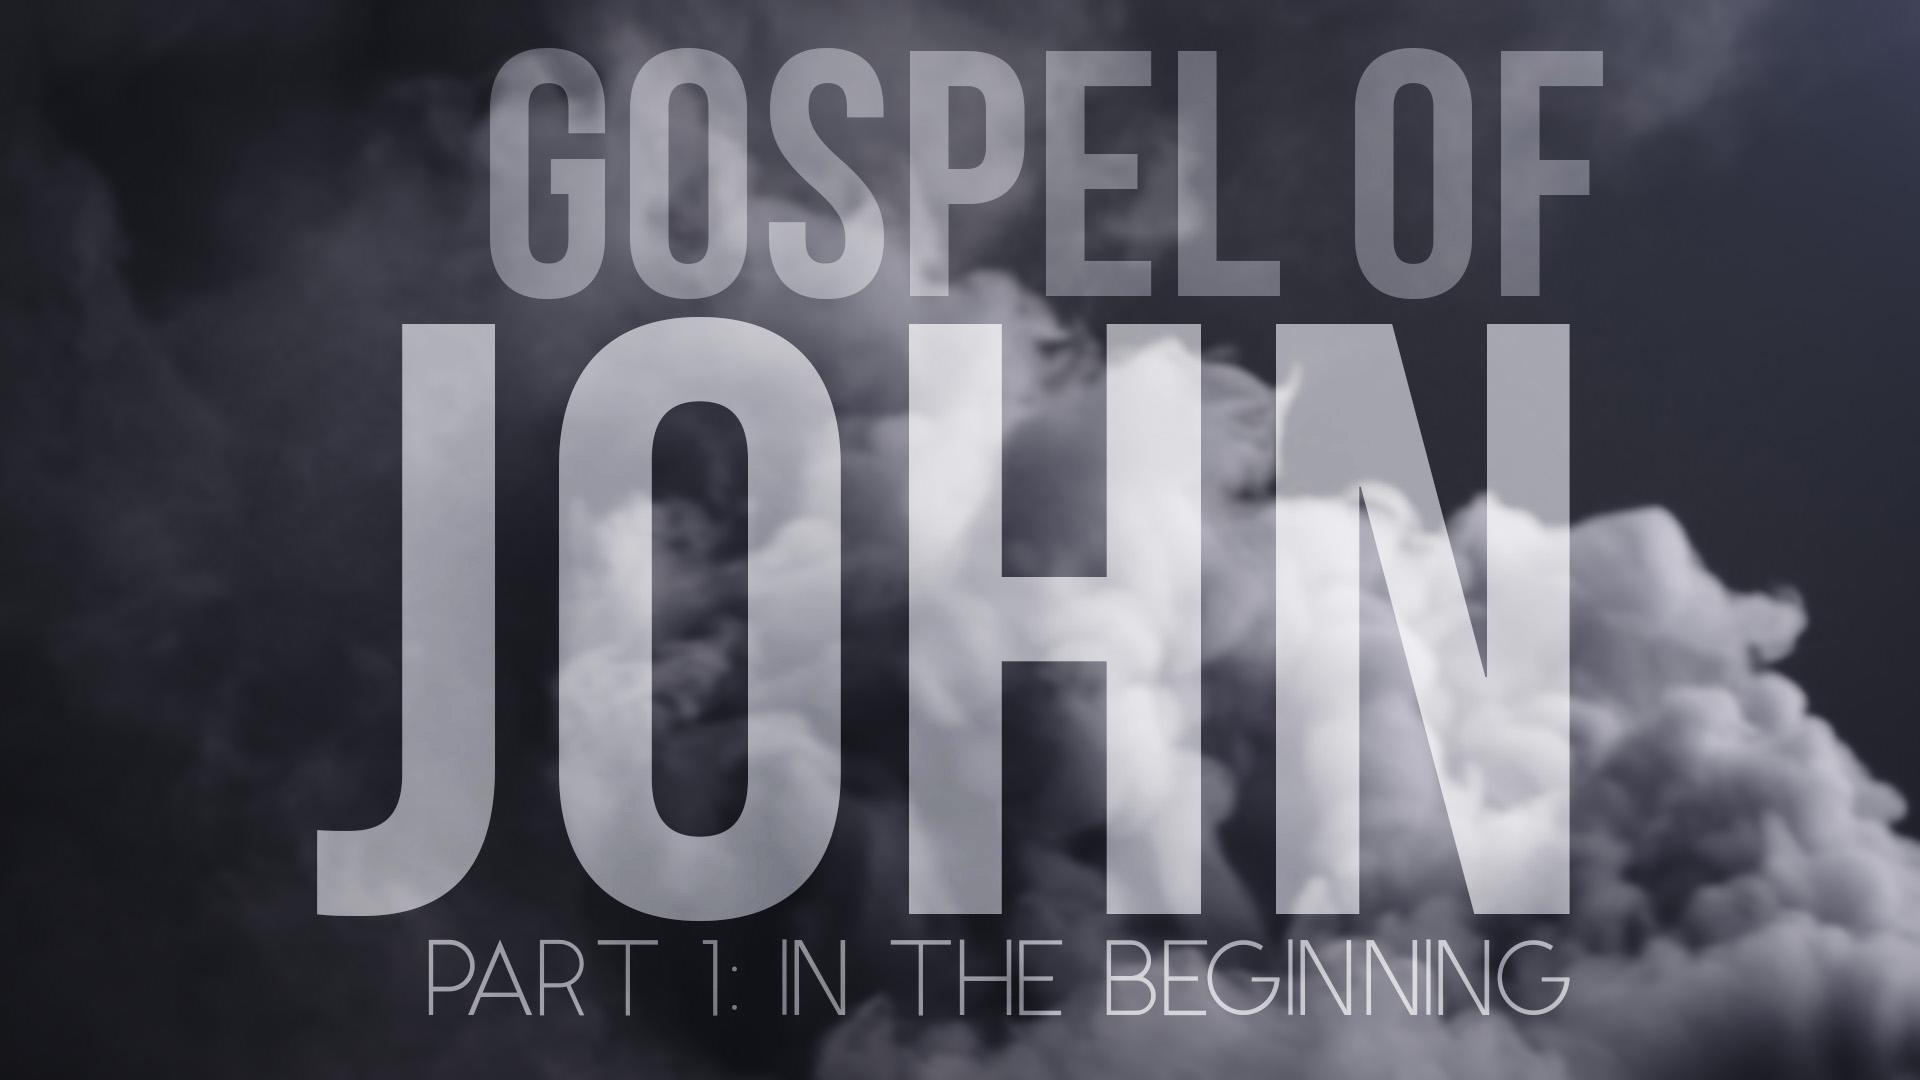 Gospel of John Part 1 Thumbnail-01.jpg